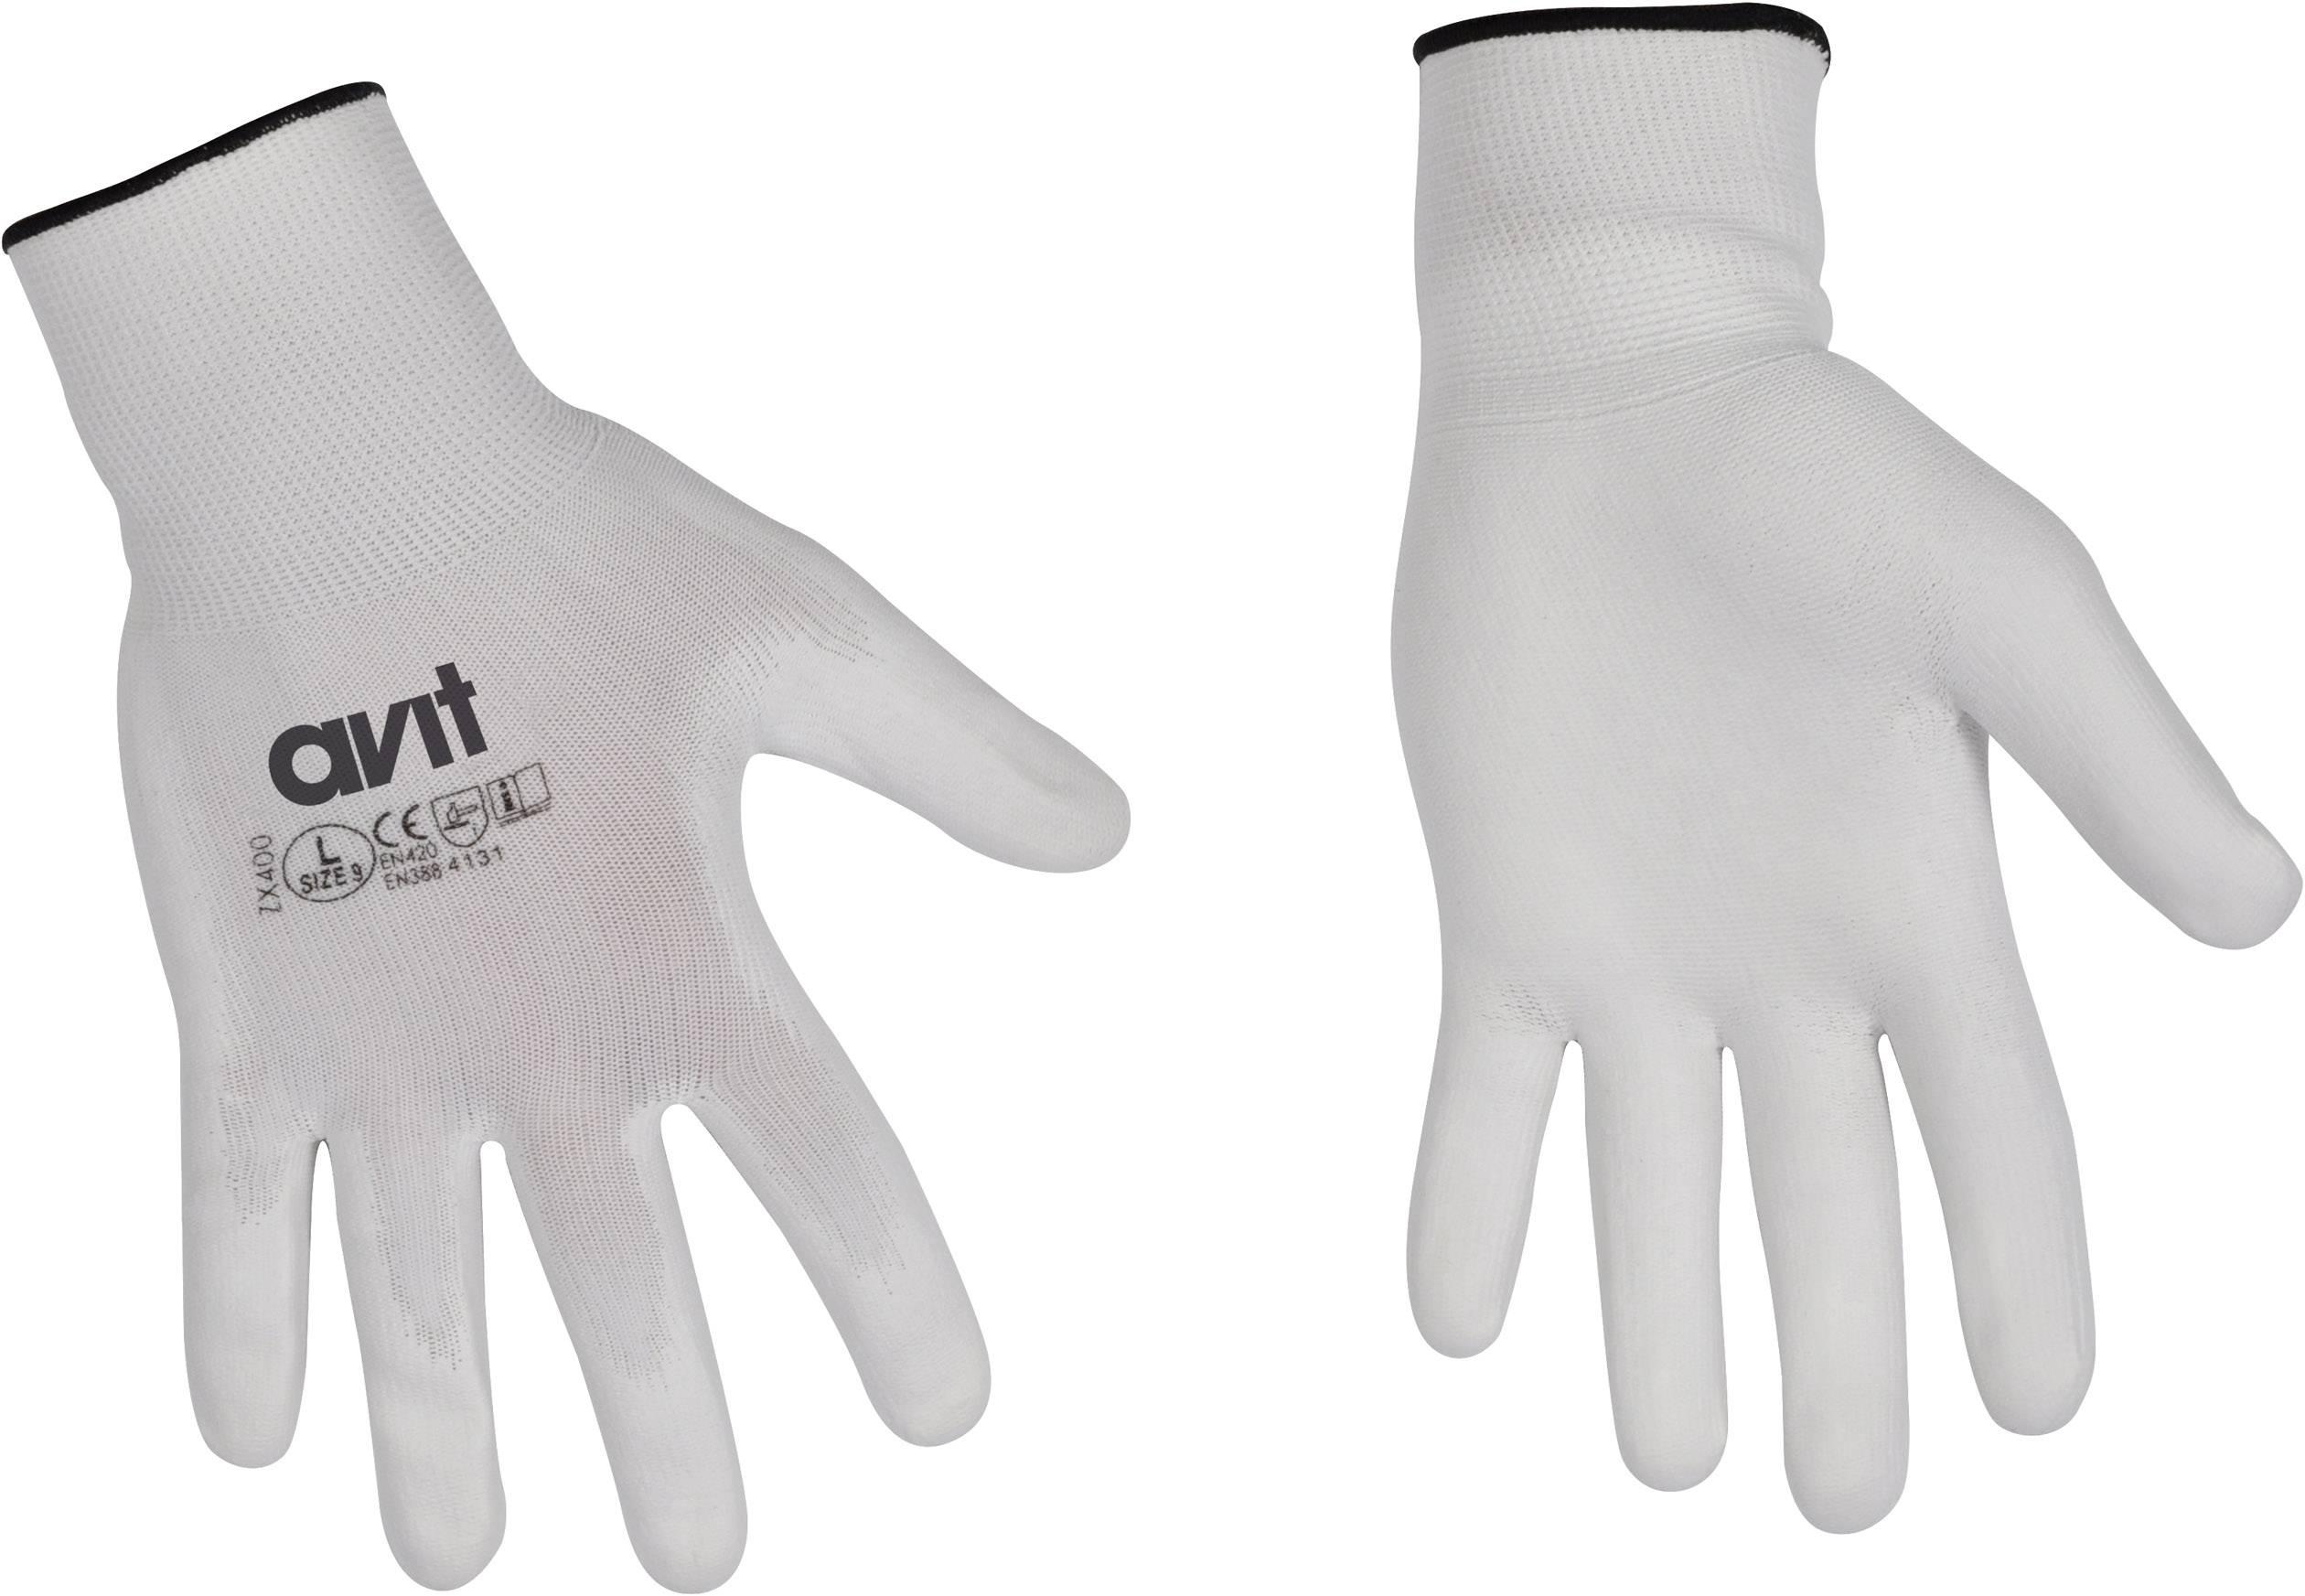 Pracovní rukavice AVIT AV13075, velikost rukavic: 10, XL